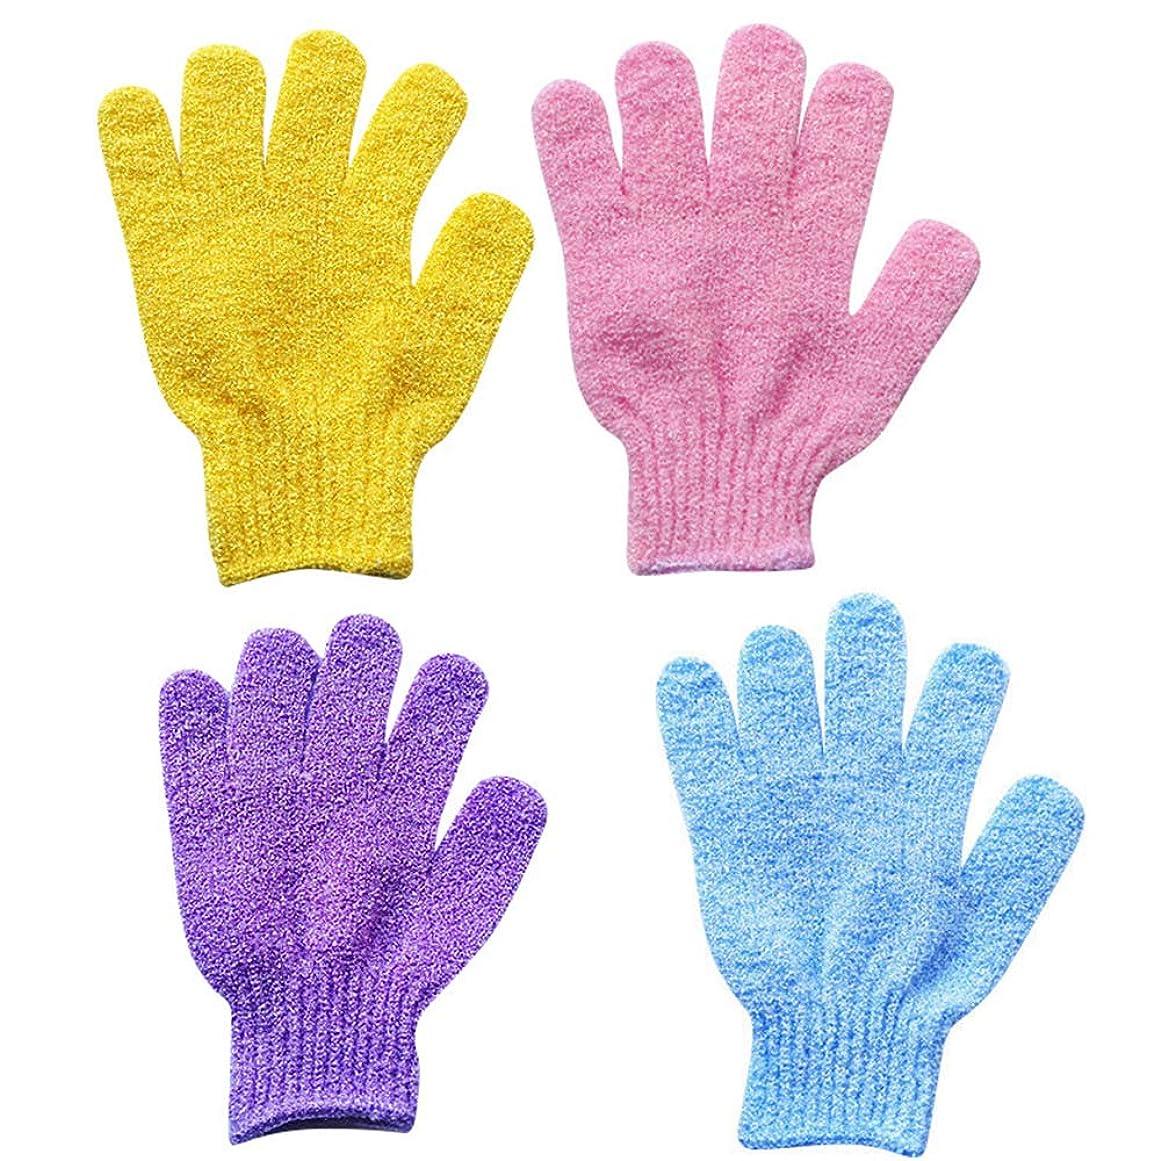 非常に改修する練るLittleliving 浴用手袋 ボディタオル 入浴用品 バス用品 垢すり手袋 五本指 毛穴清潔 角質除去 8枚セット